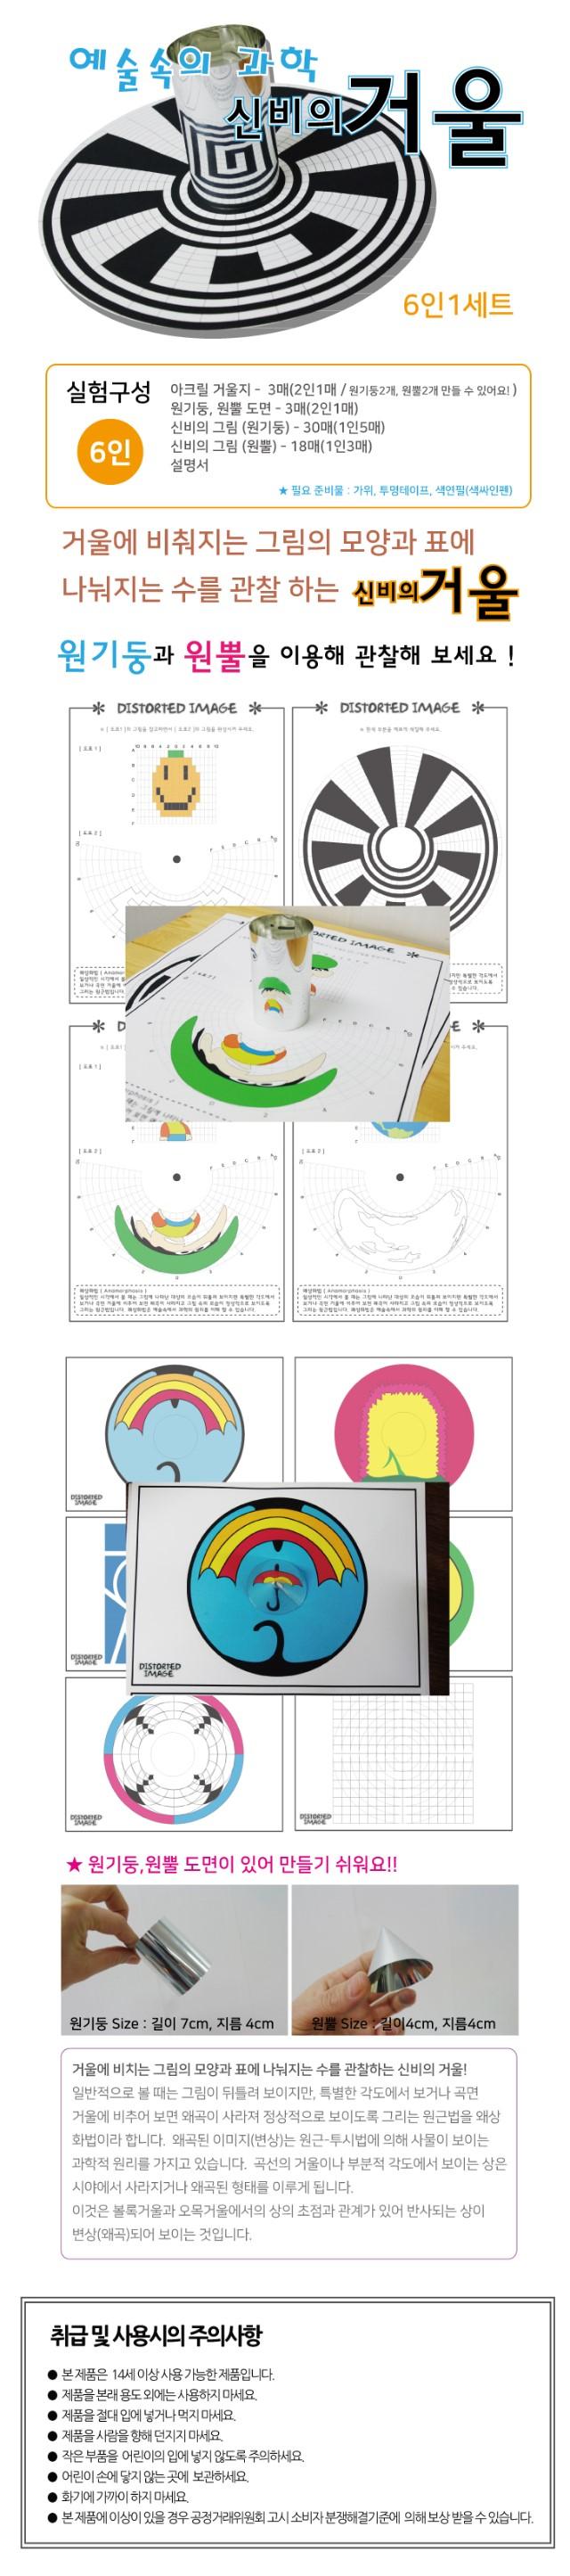 신비의거울(6인)-.jpg